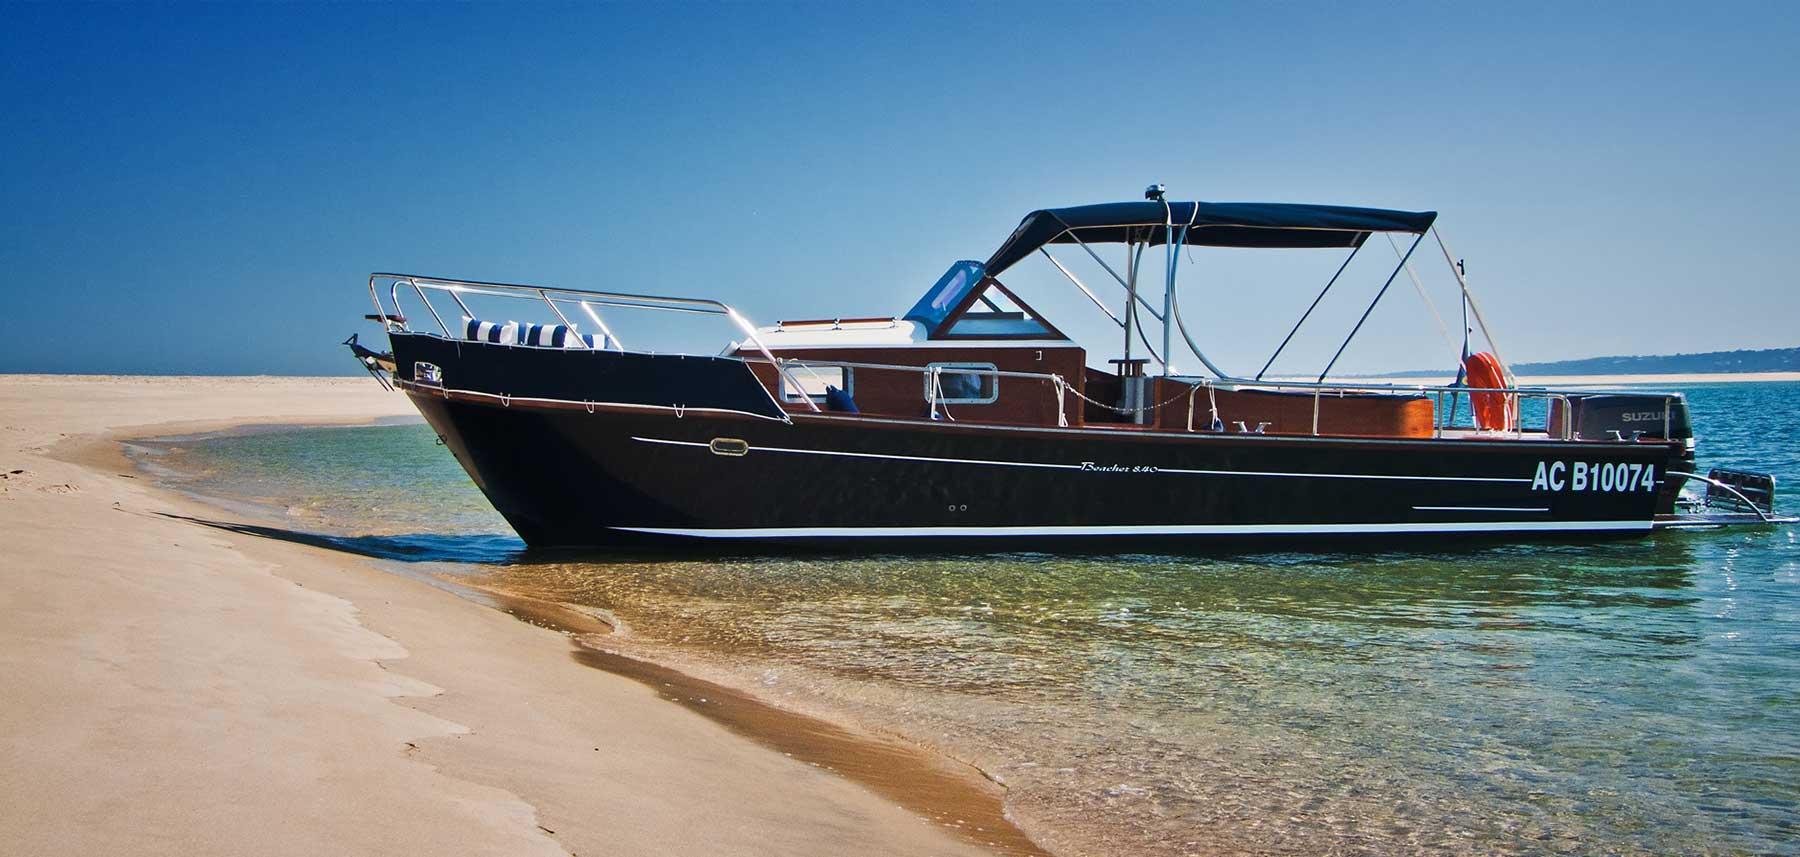 beacher nautique bateau croisiere tradition plage